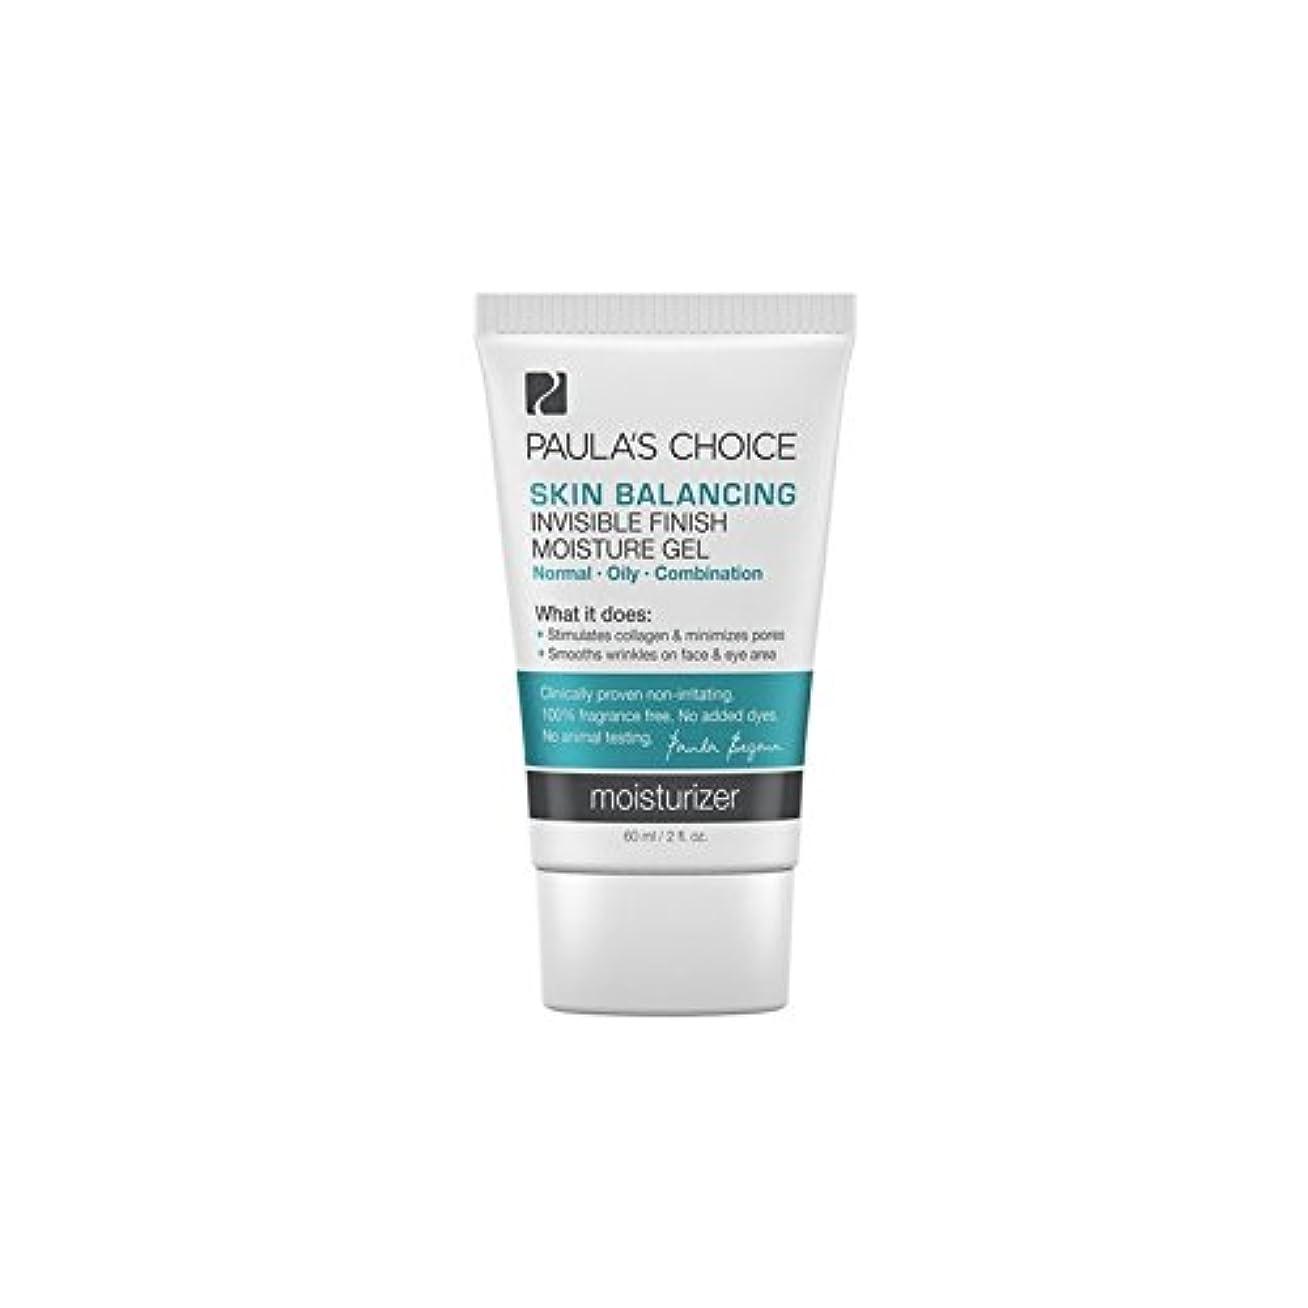 デンマークジャーナリスト感じるPaula's Choice Skin Balancing Invisible Finish Moisture Gel (60ml) (Pack of 6) - ポーラチョイスの肌のバランス目に見えない仕上がり水分ゲル(...